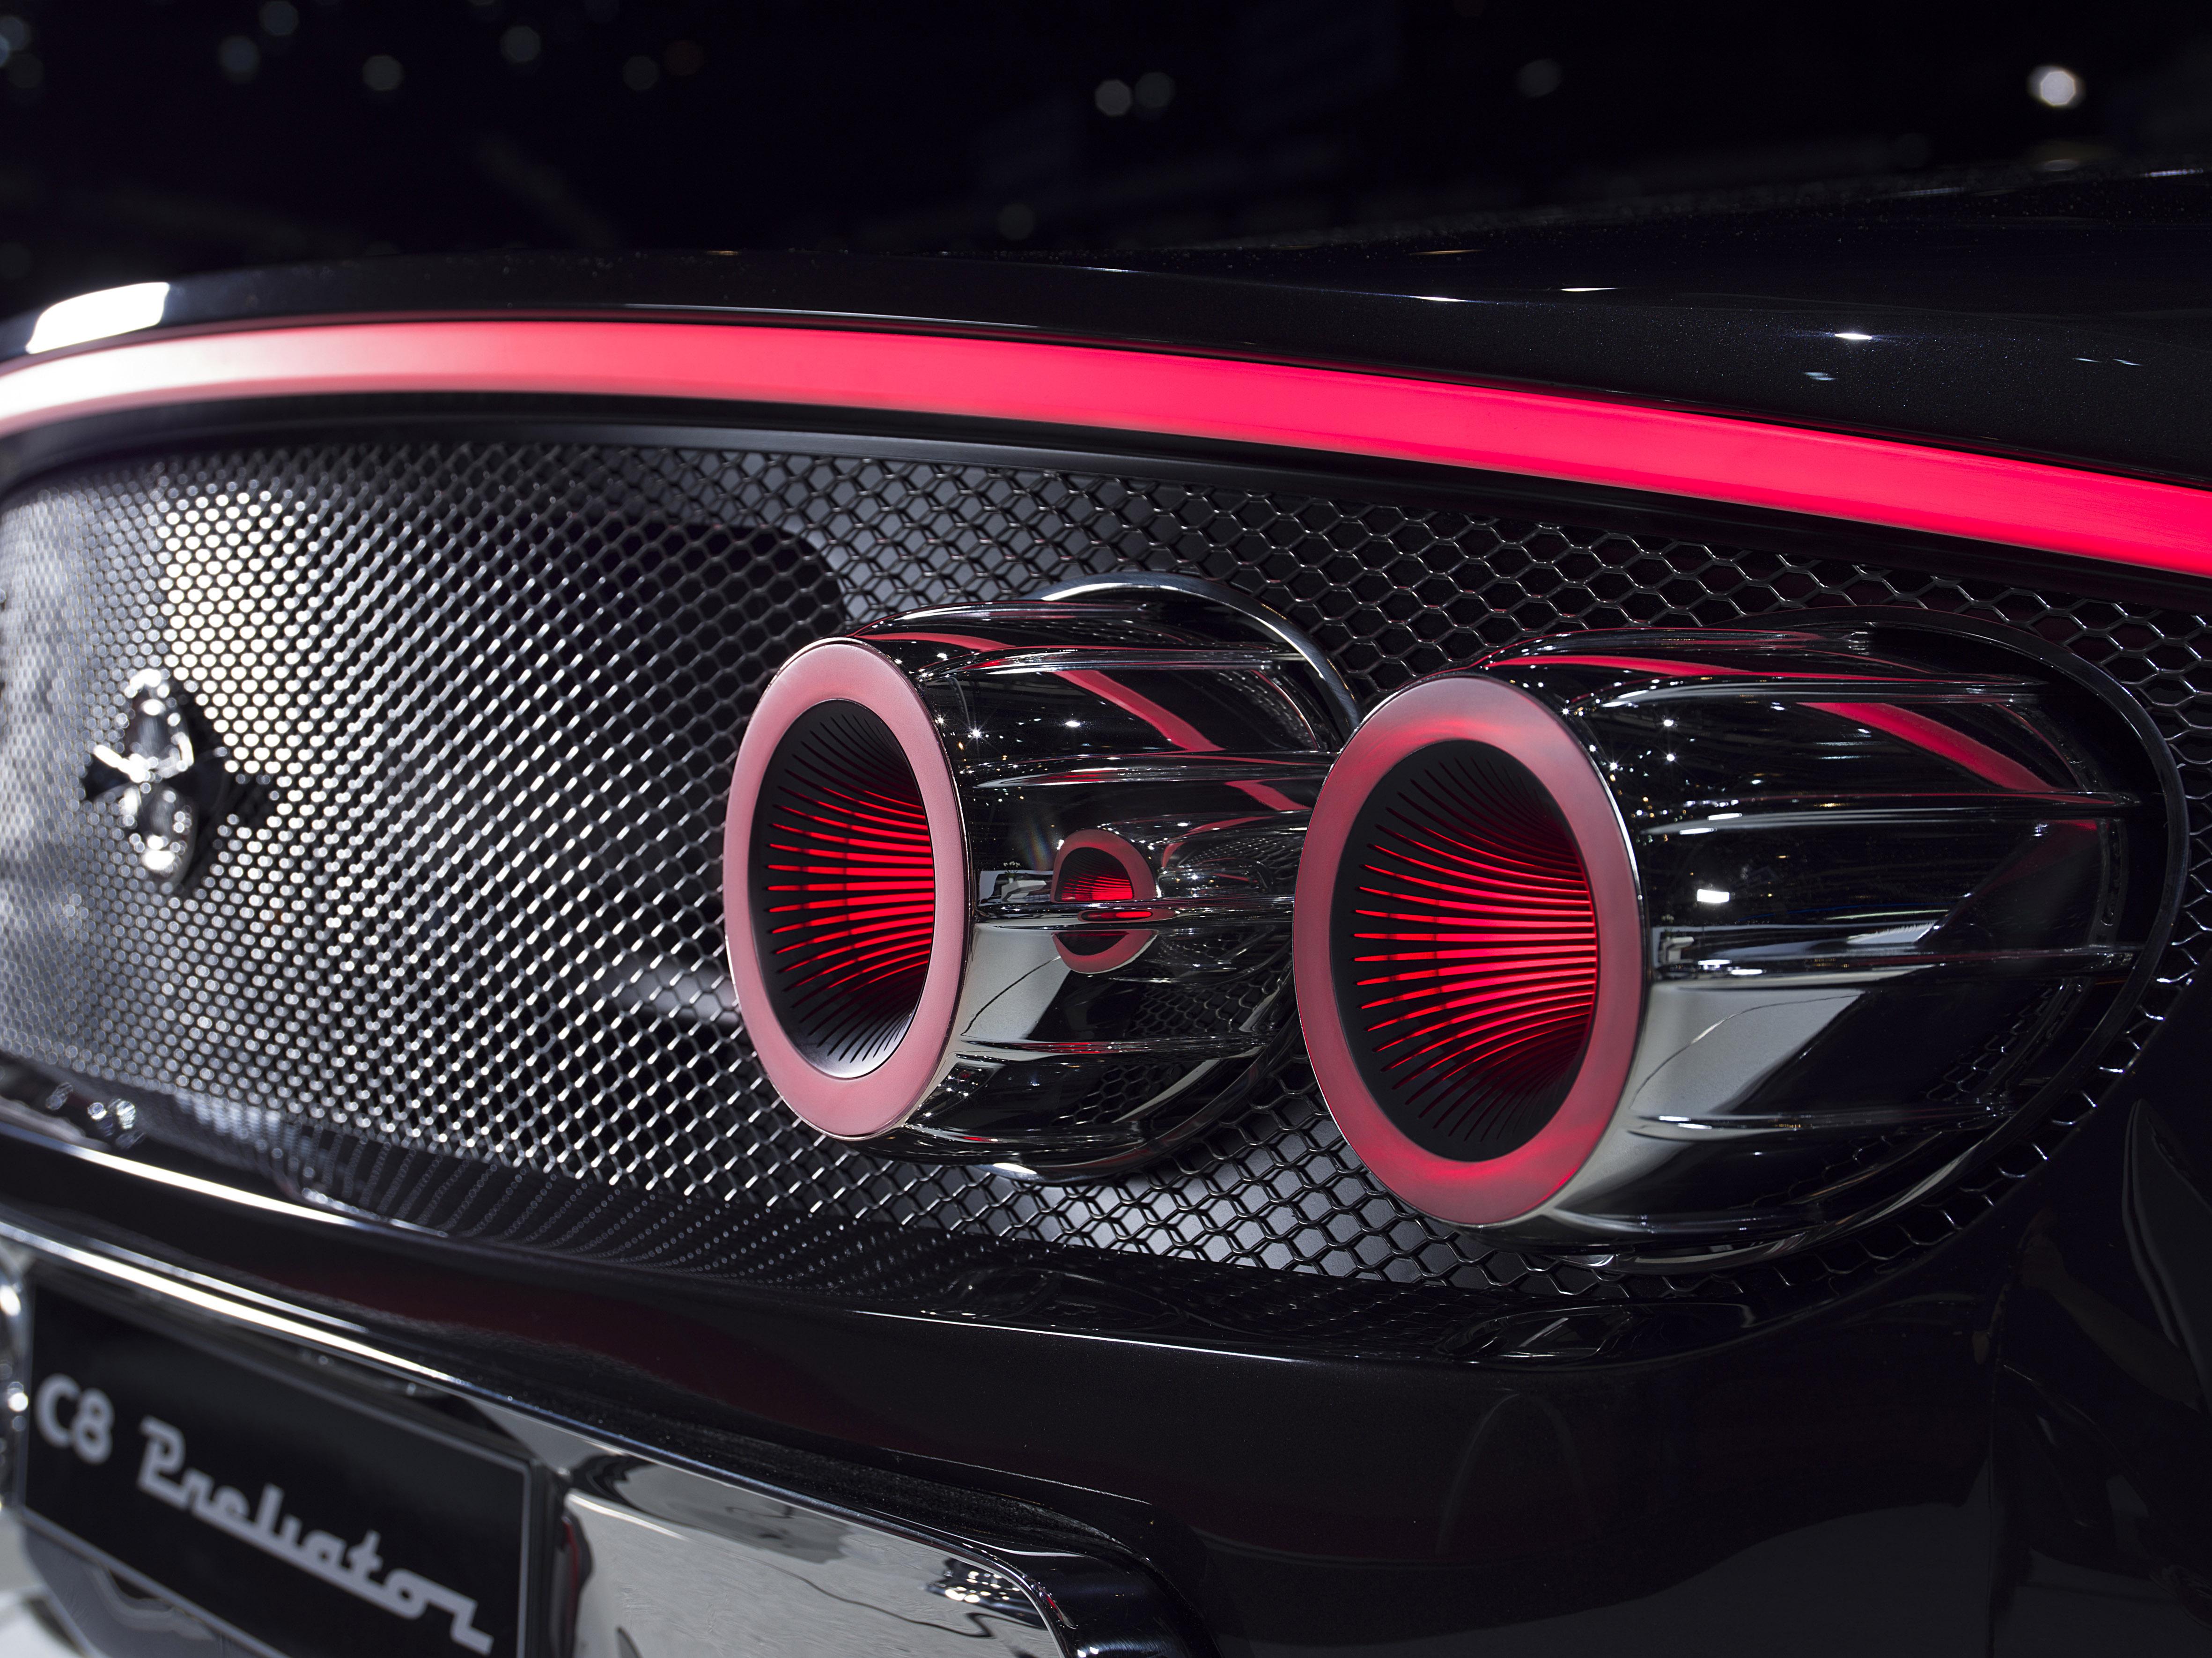 Spyker-Preliator-rear-detail.jpg